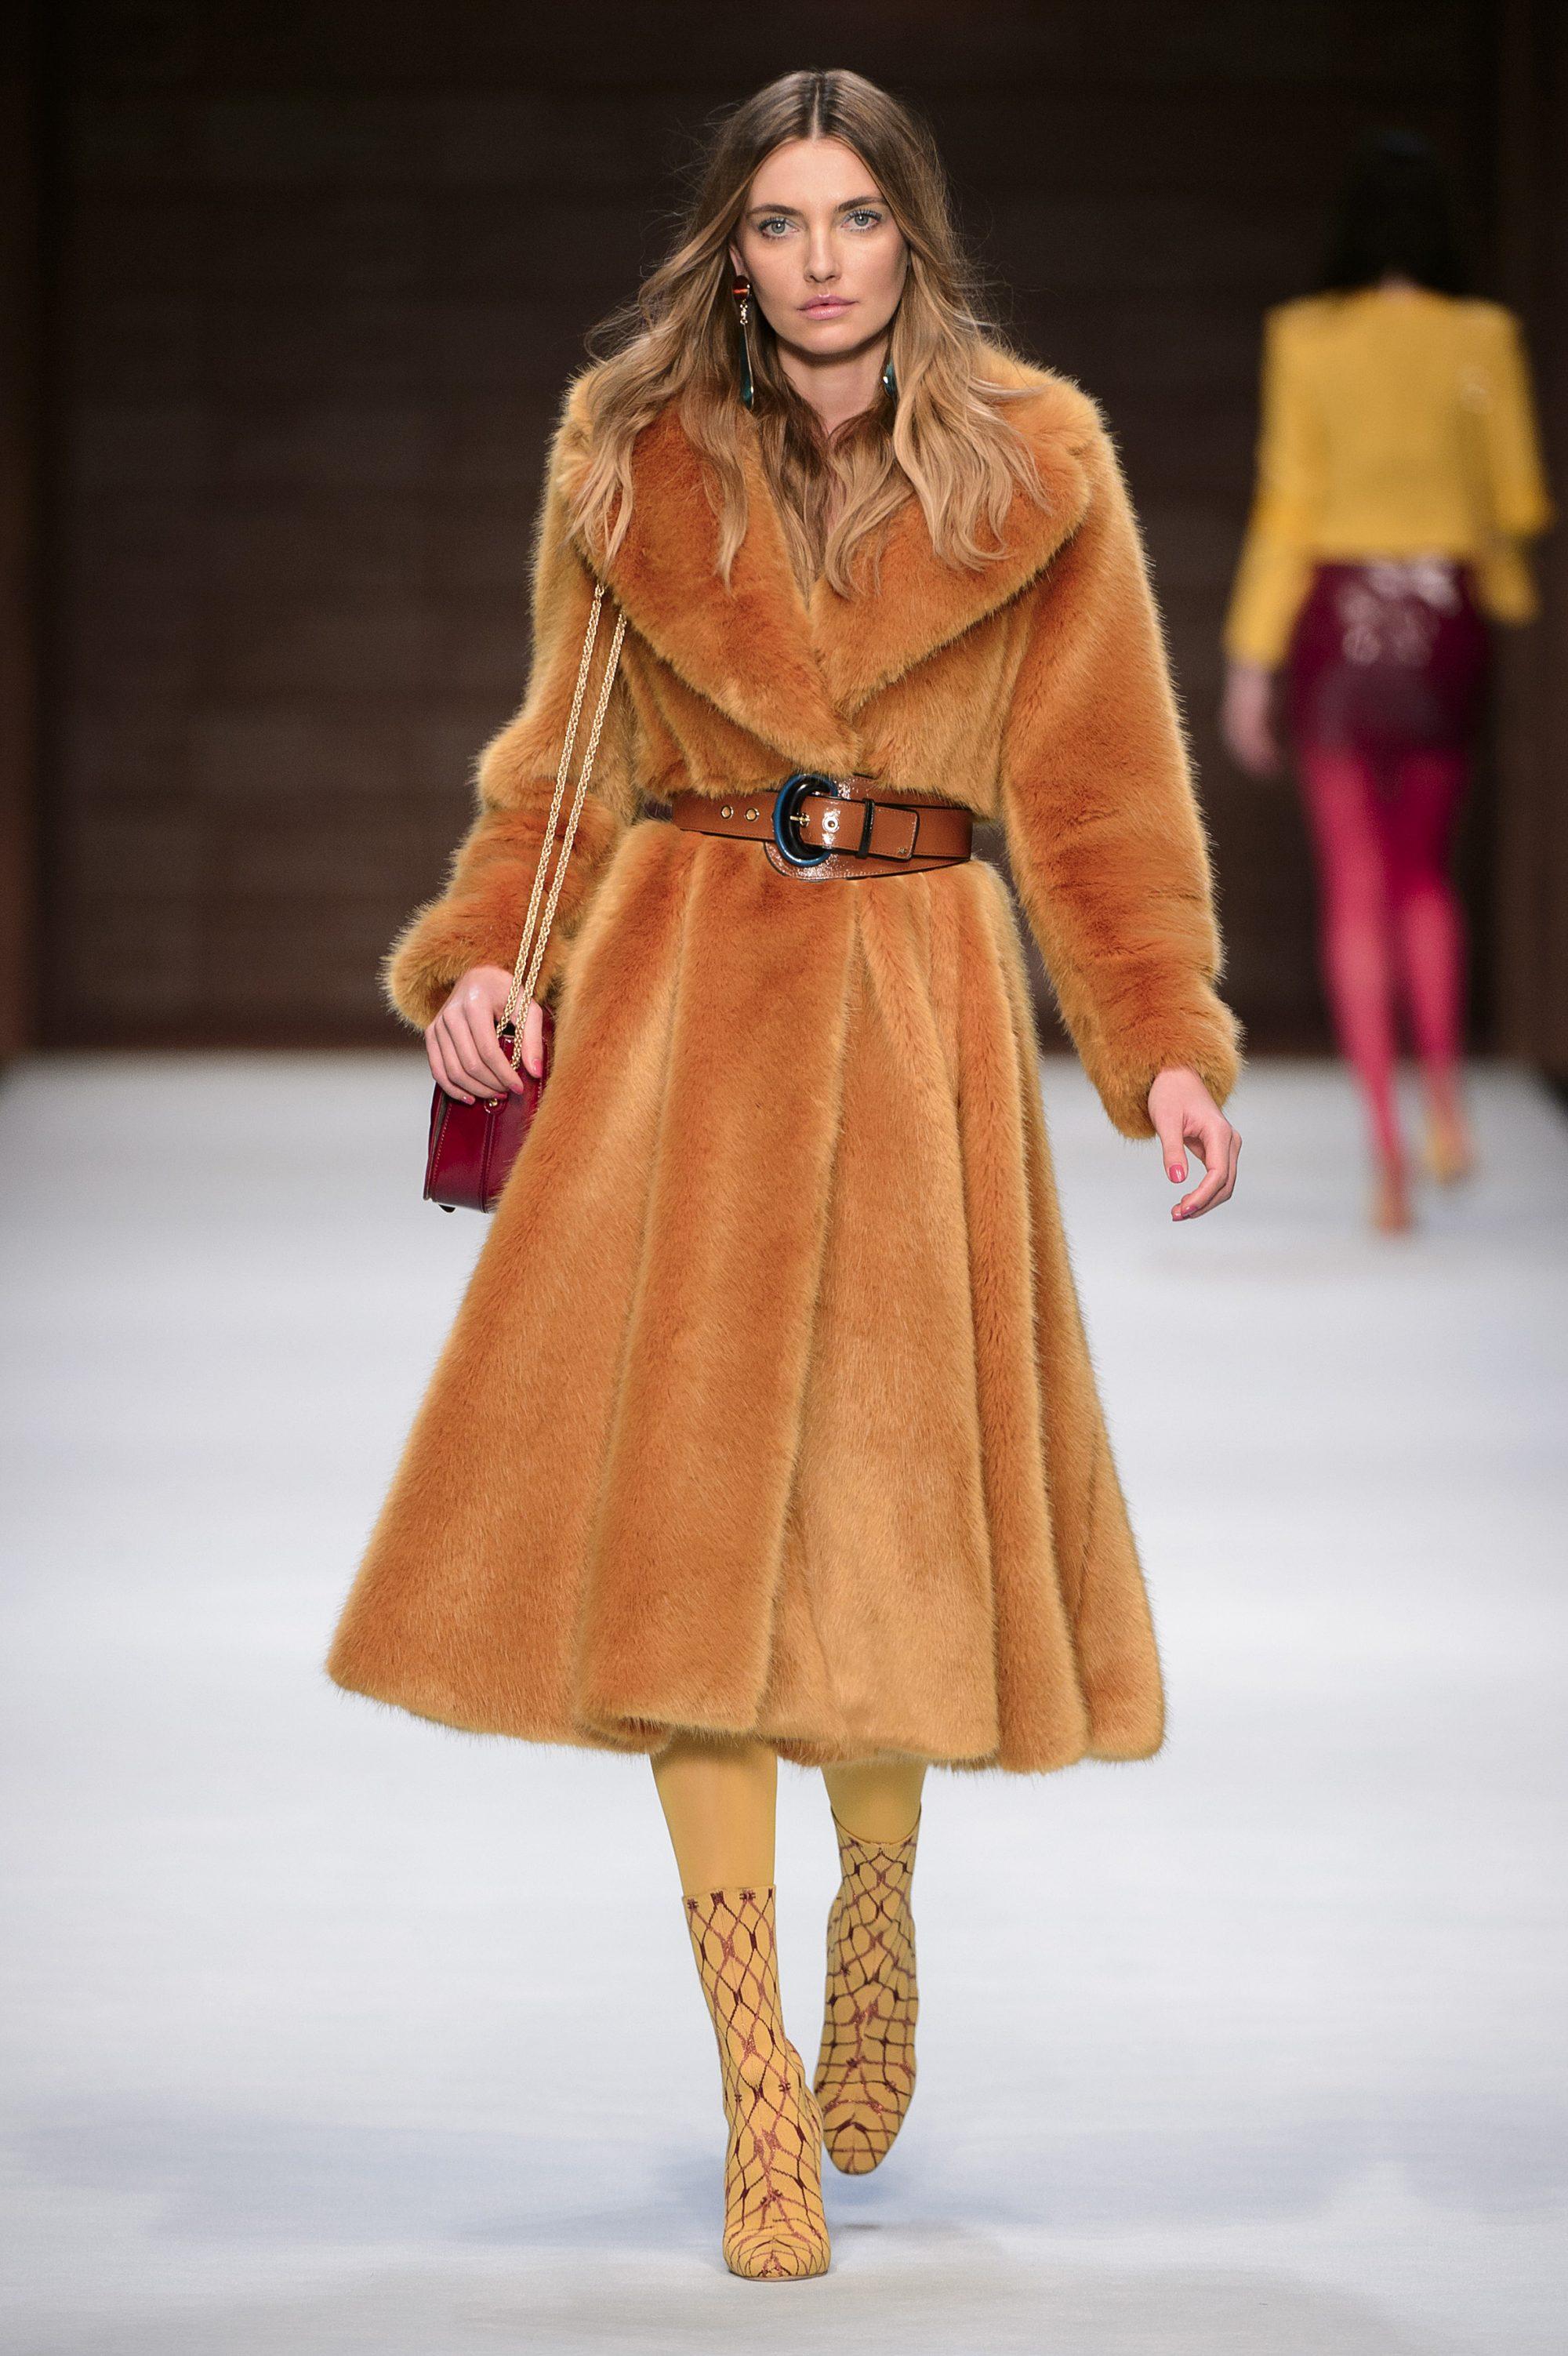 Elisabetta Franchi расклешенная шуба 2019 ярко-оранжевого цвета с кожаным поясом